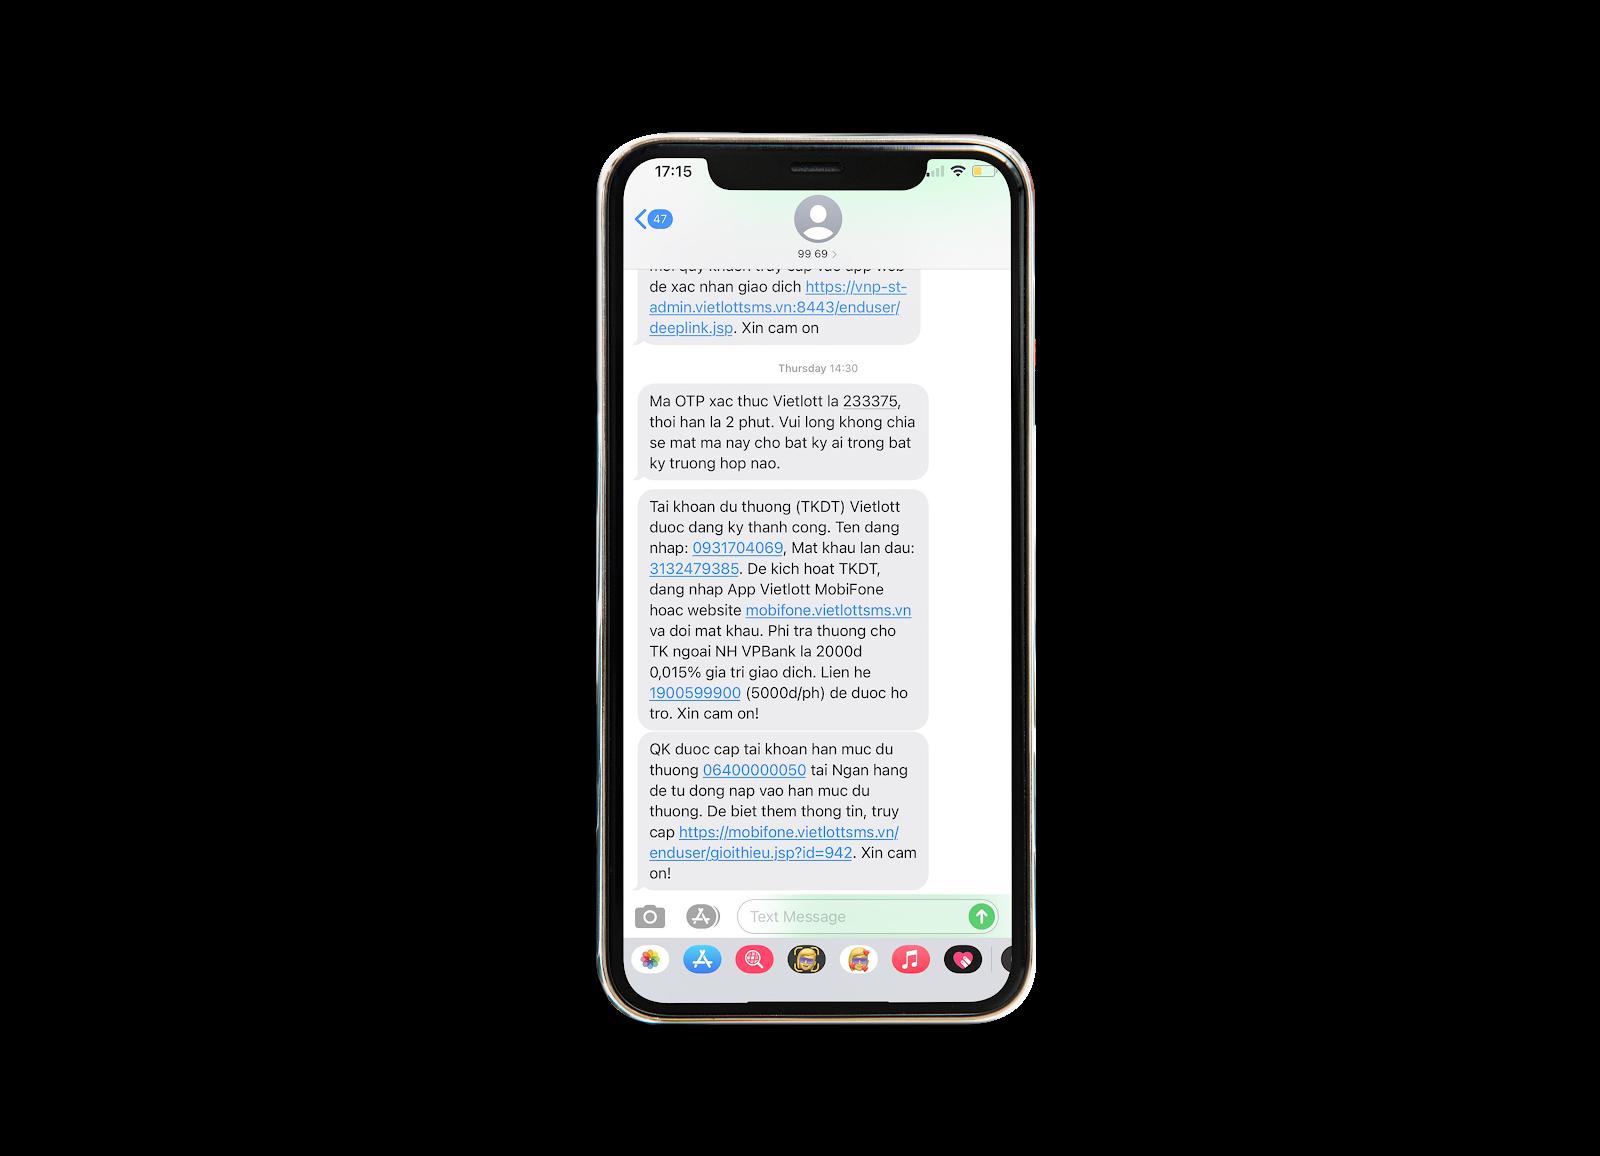 Hệ thống sẽ nhắn SMS đến số điện thoại đăng ký chơi Vietlott online